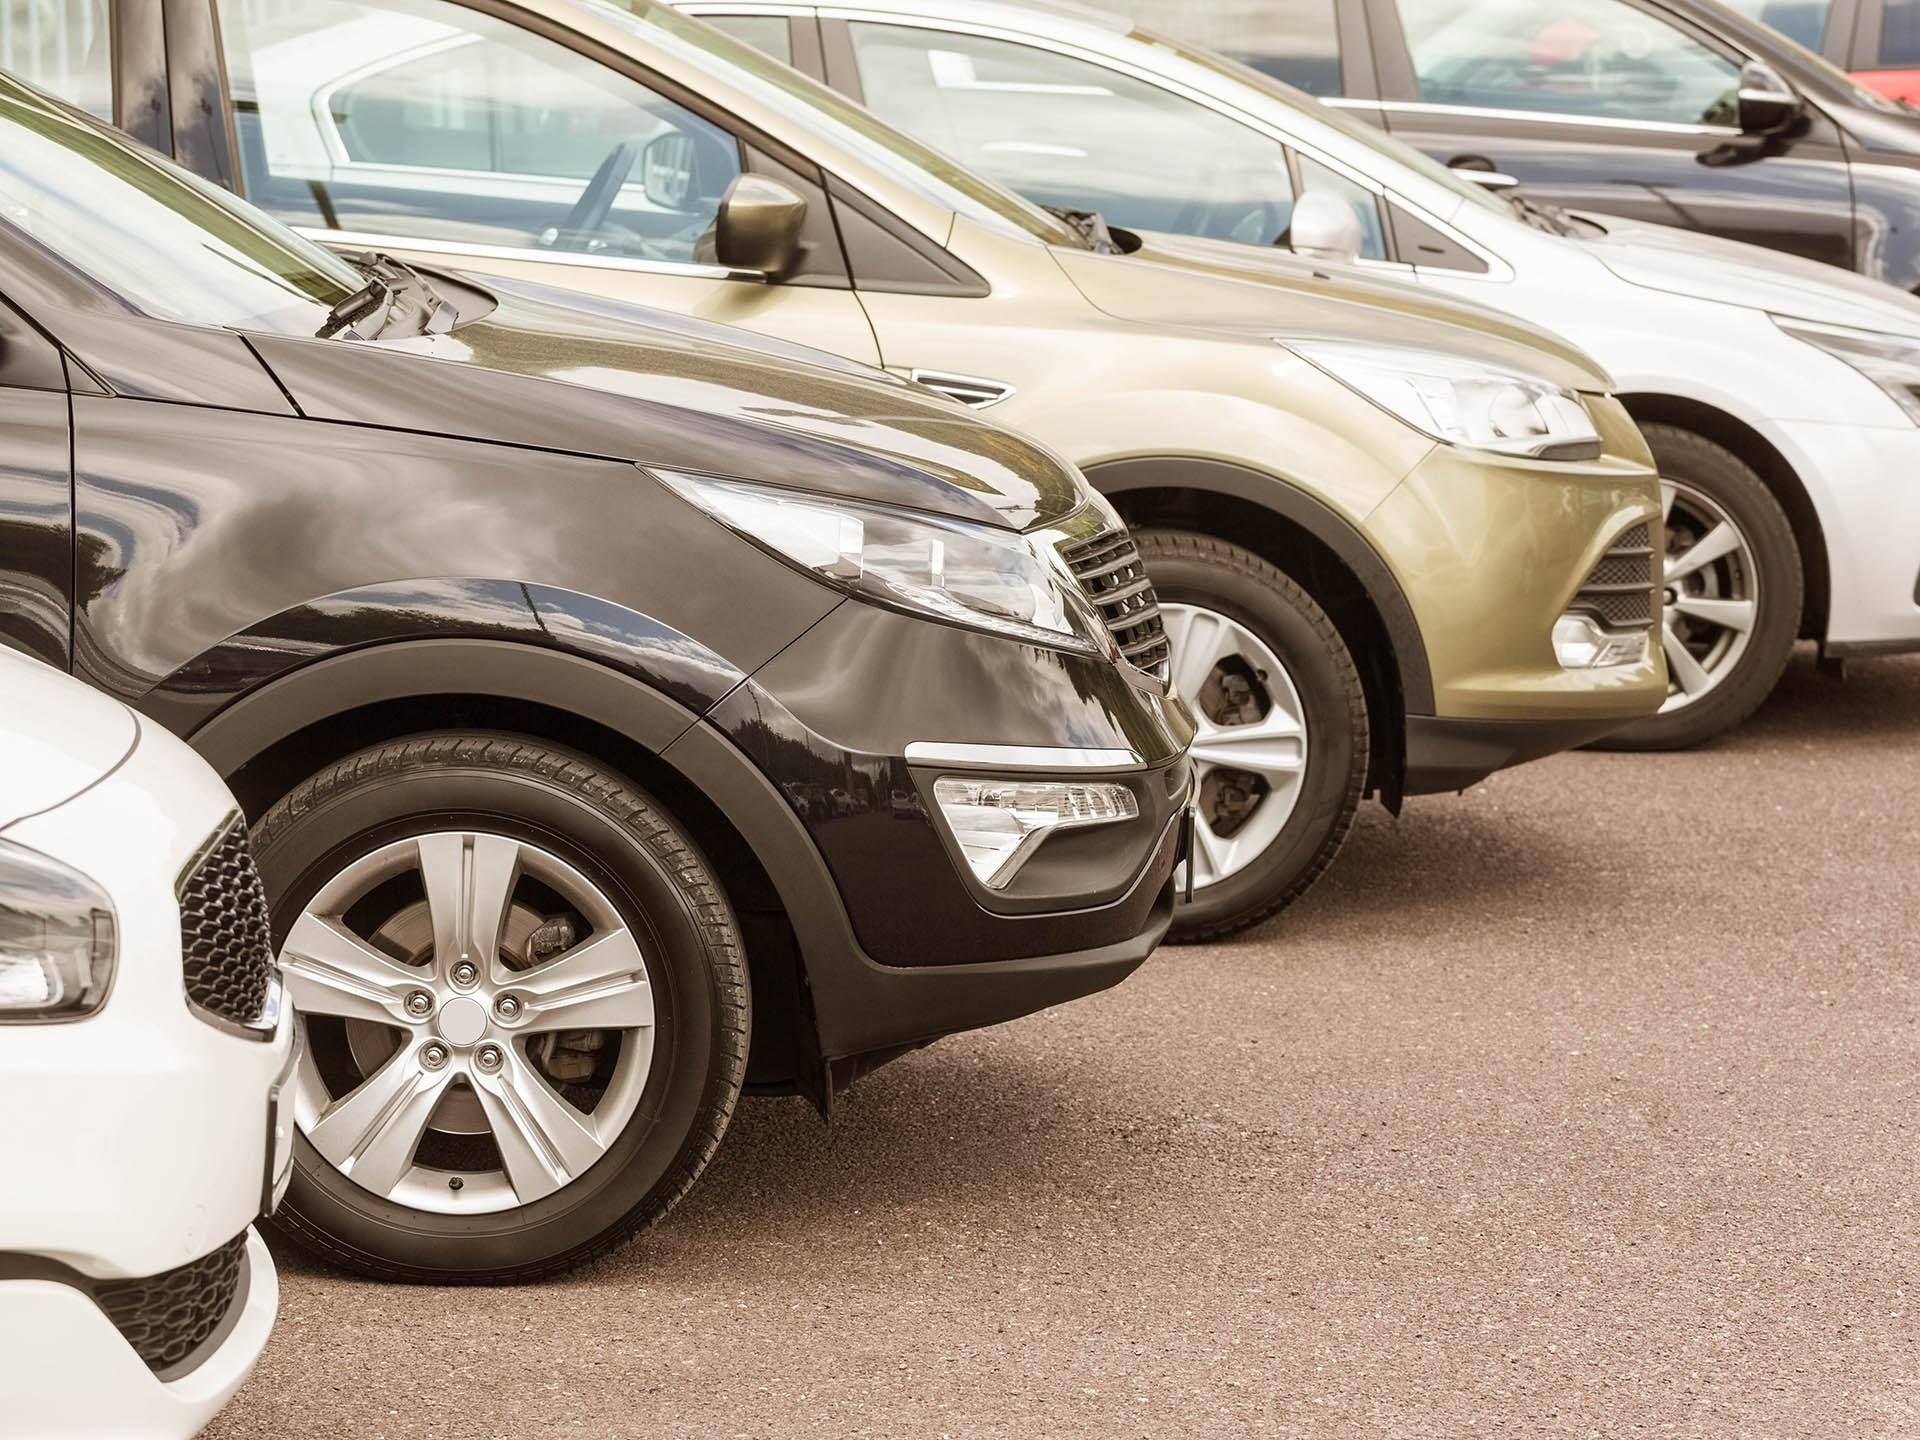 Авито Авто: по итогам III квартала в России на 40% выросли продажи подержанных автомобилей